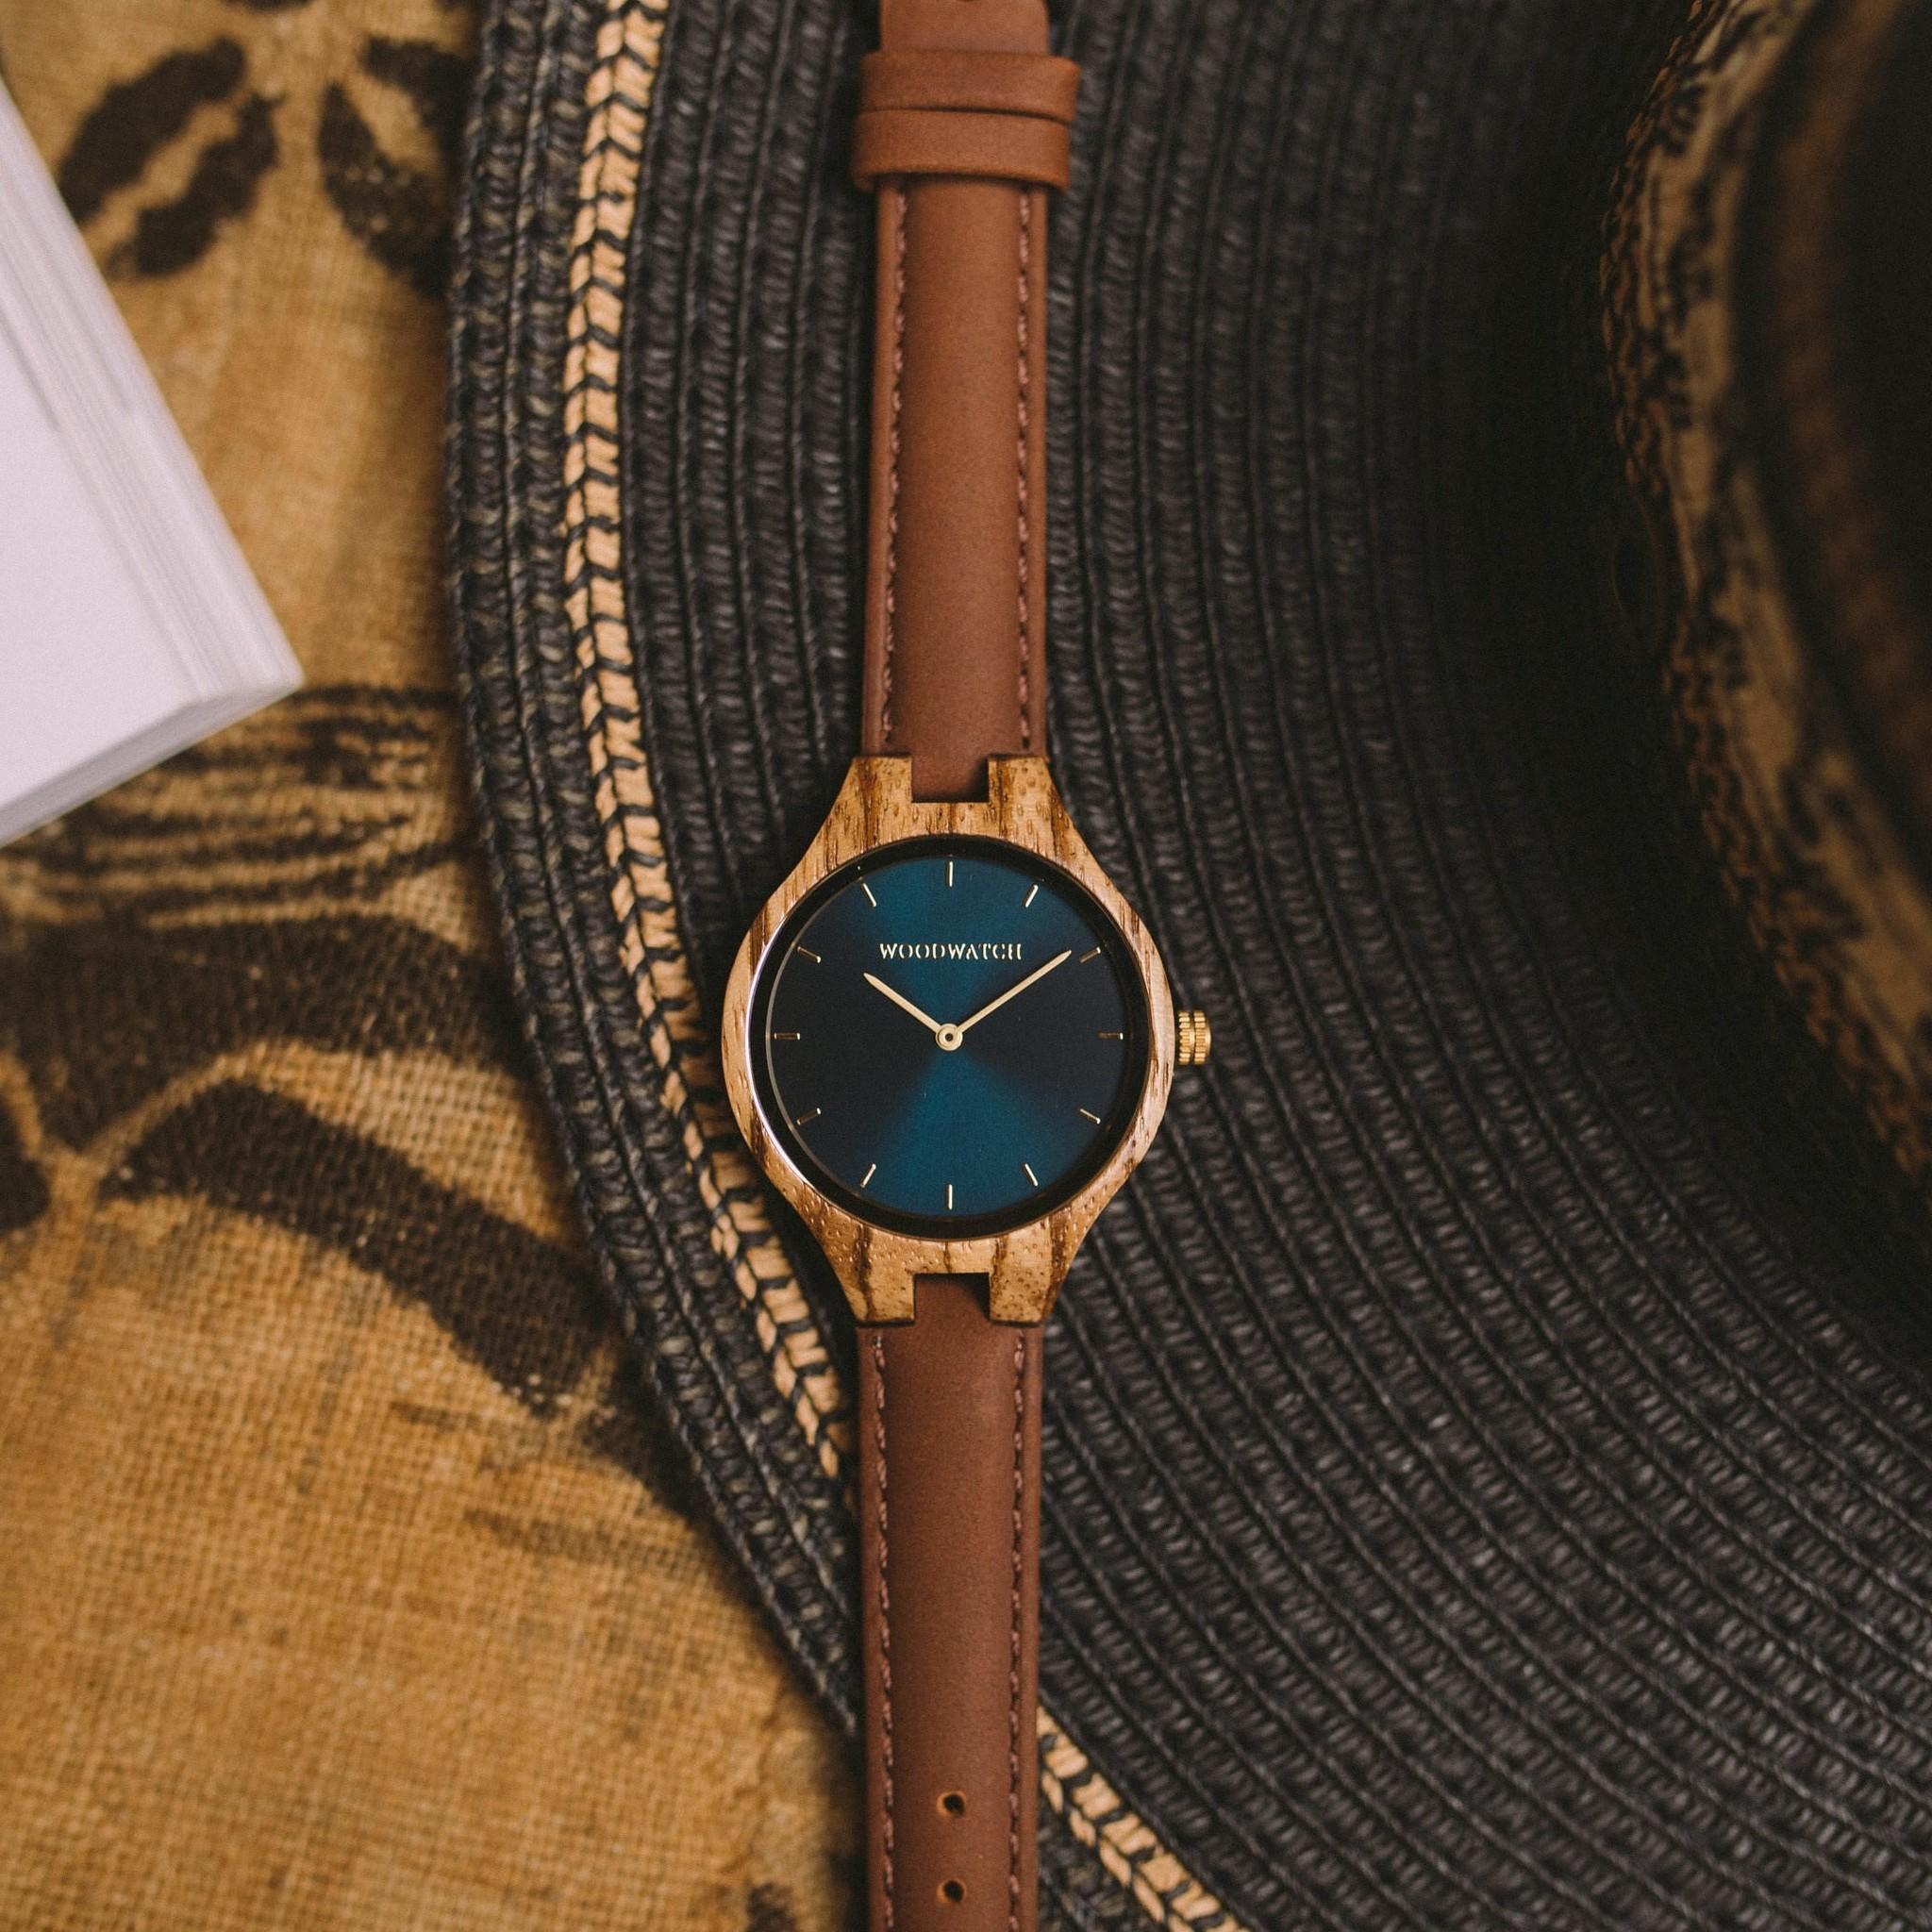 Die Uhren der AURORA Kollektion sind den unendlichen Weiten Skandinaviens nachempfunden und laden zum Träumen ein. Bei diesem leichten Modell wird westafrikanisches Zebranoholz von einem blauen Ziffernblatt aus Edelstahl und goldenen Elementen begleitet –